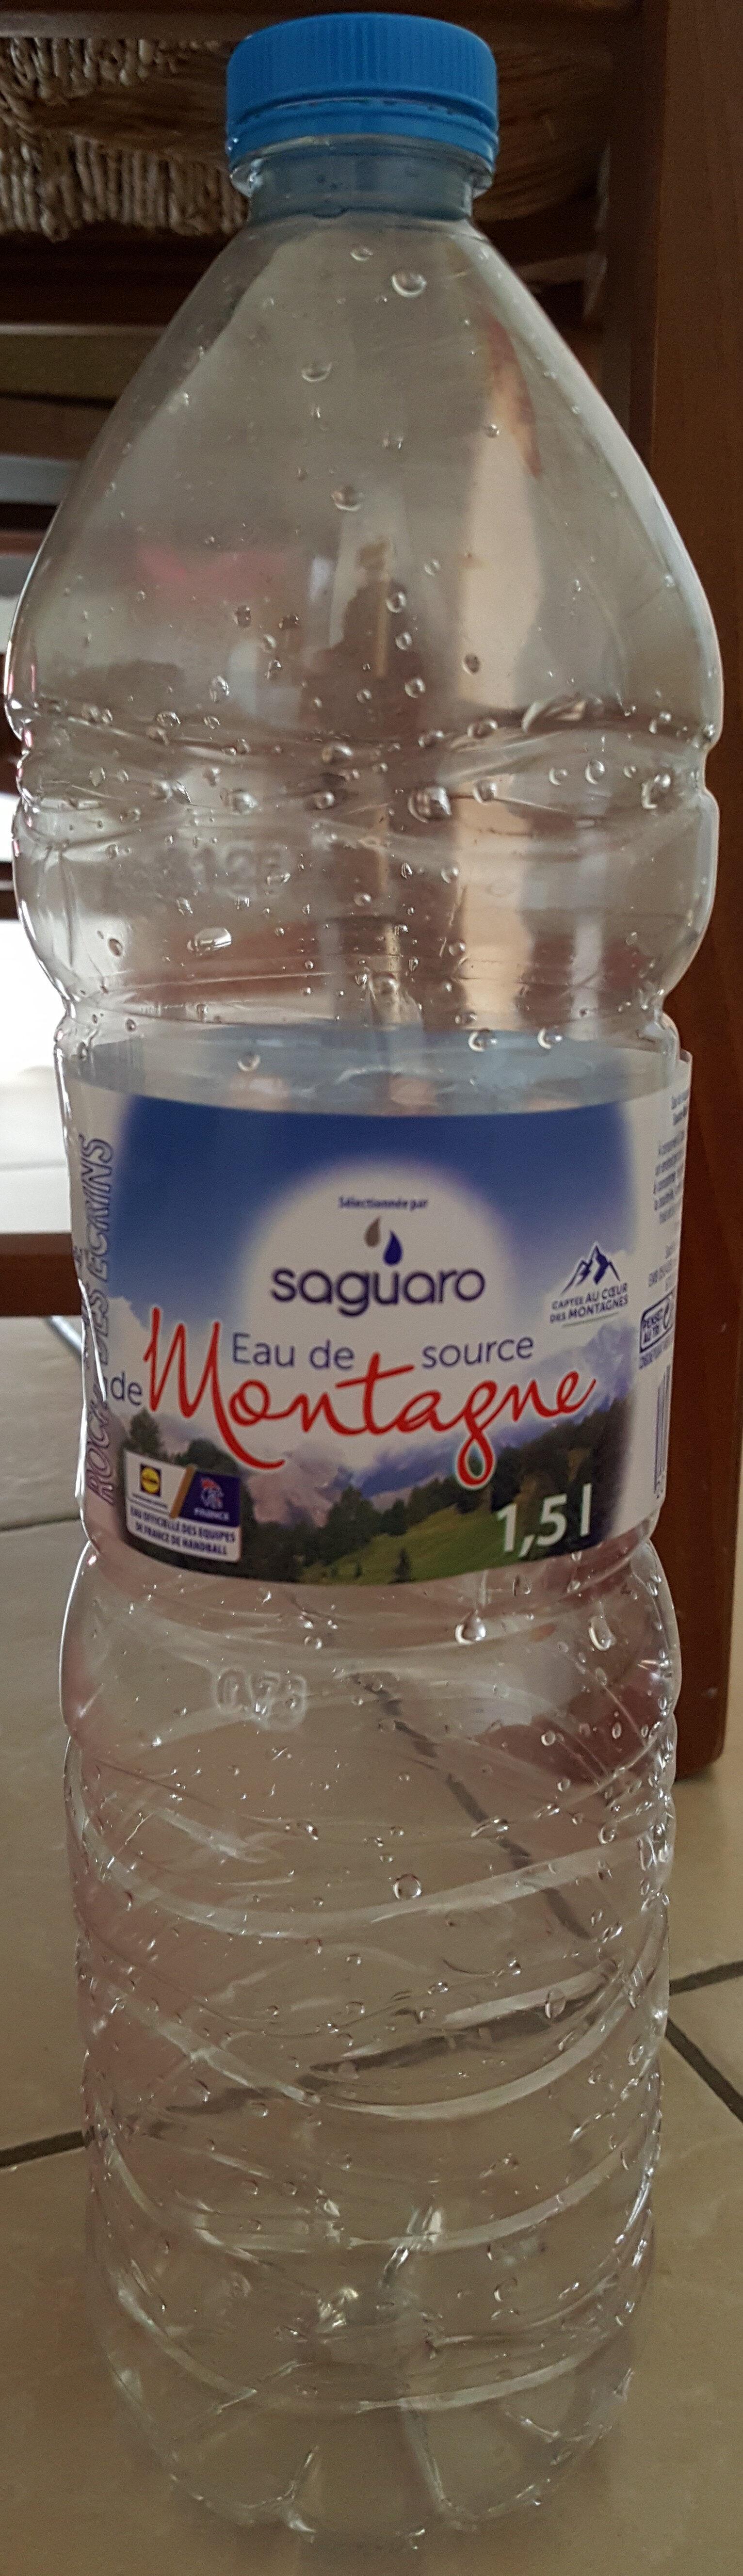 eau de source de montagne - Product